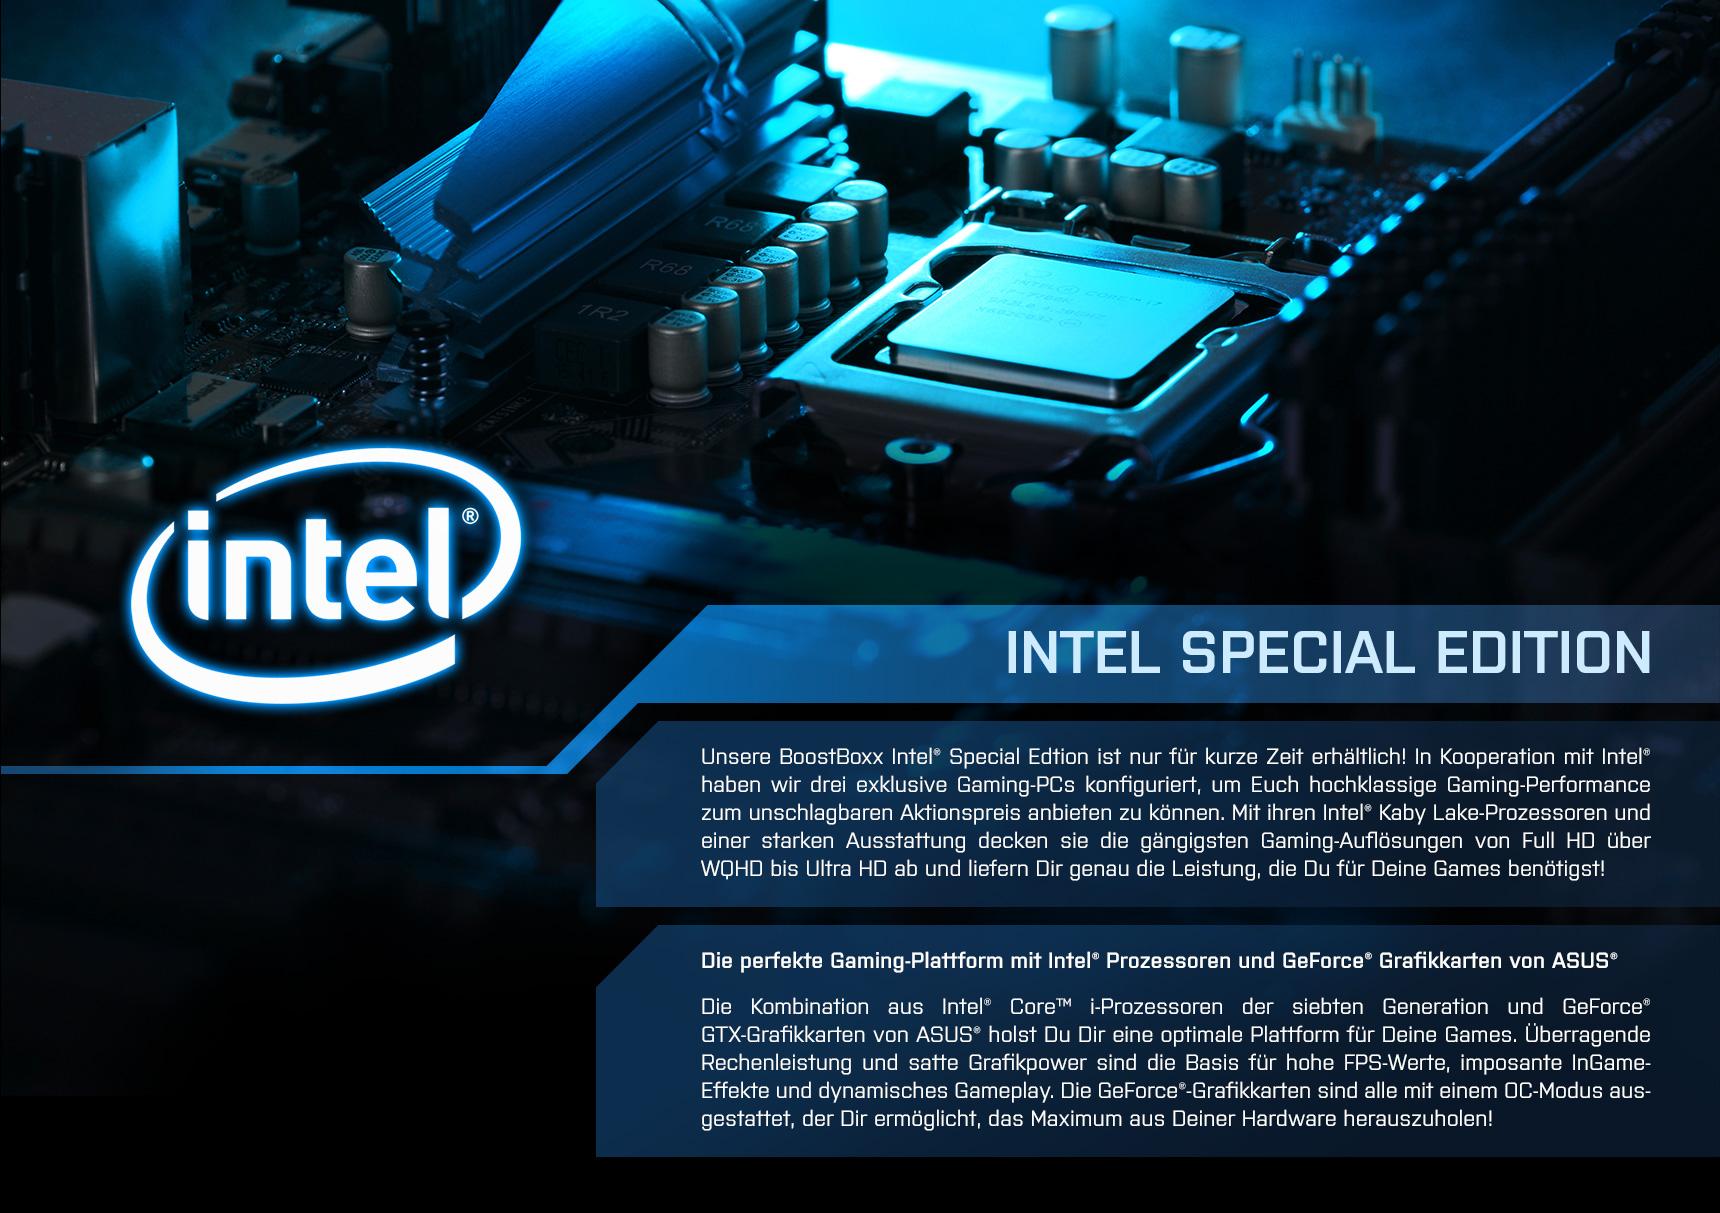 Intel Special Edition 2017